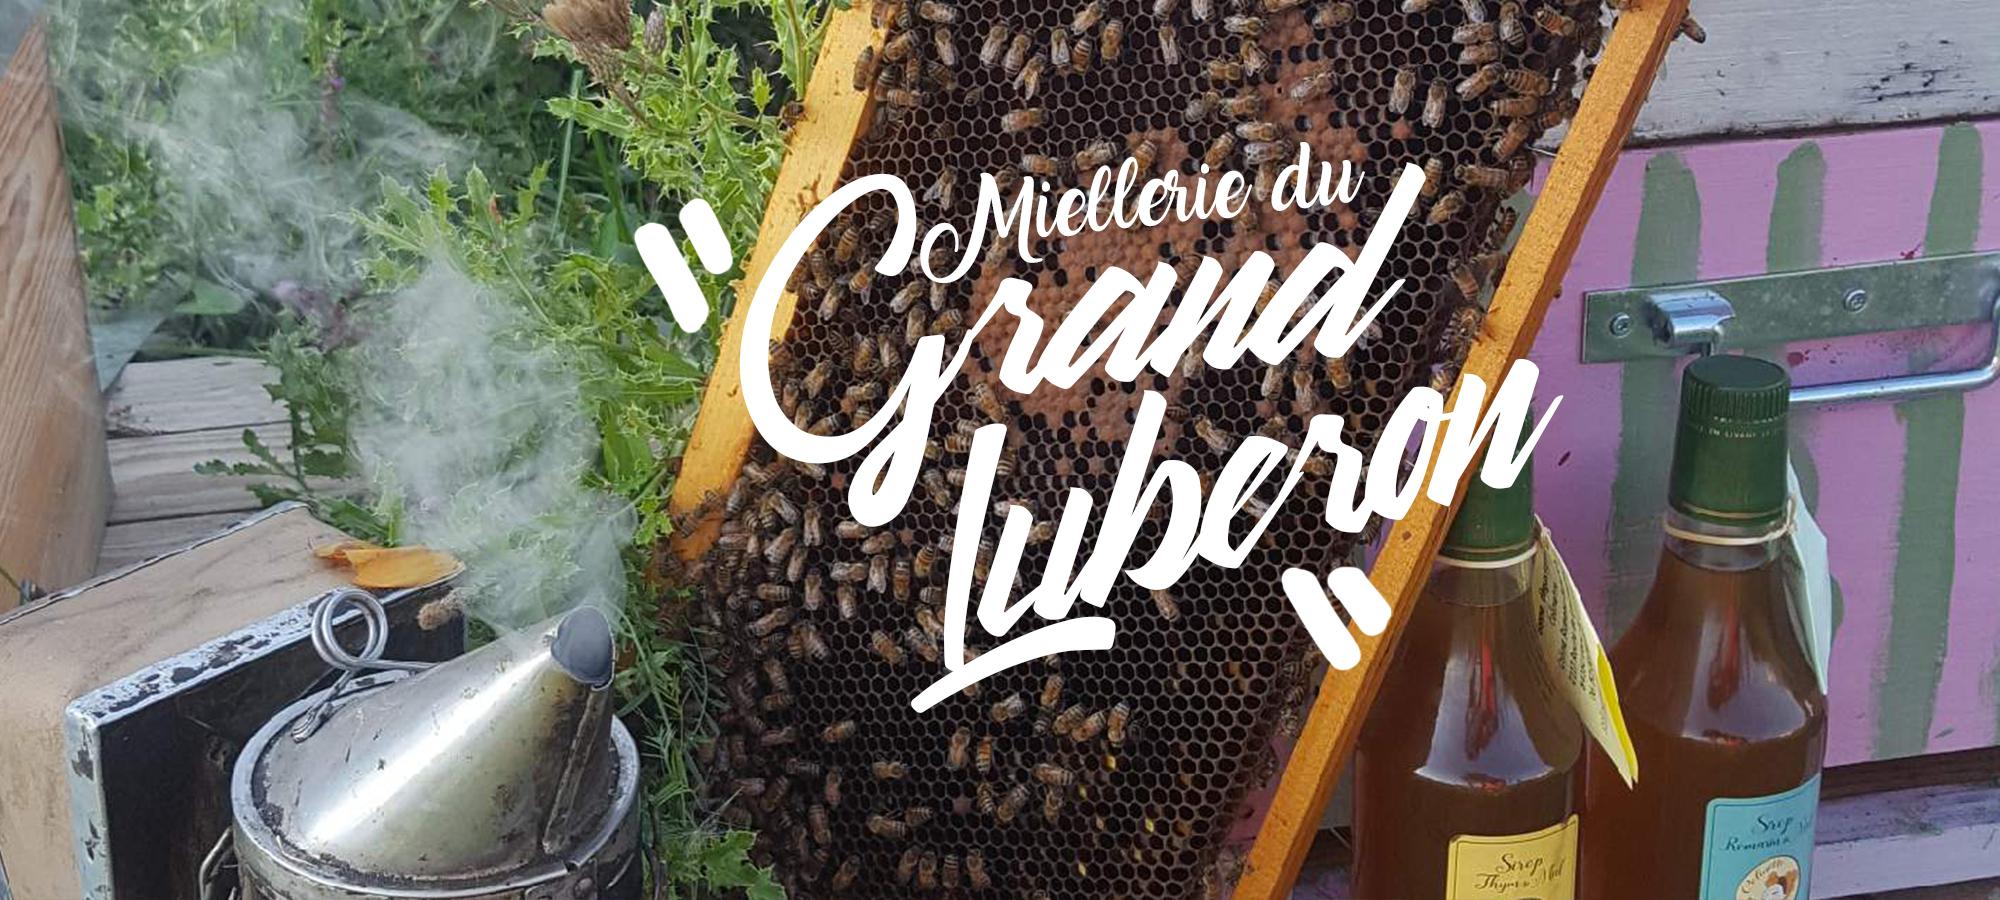 La miellerie du Grand Luberon